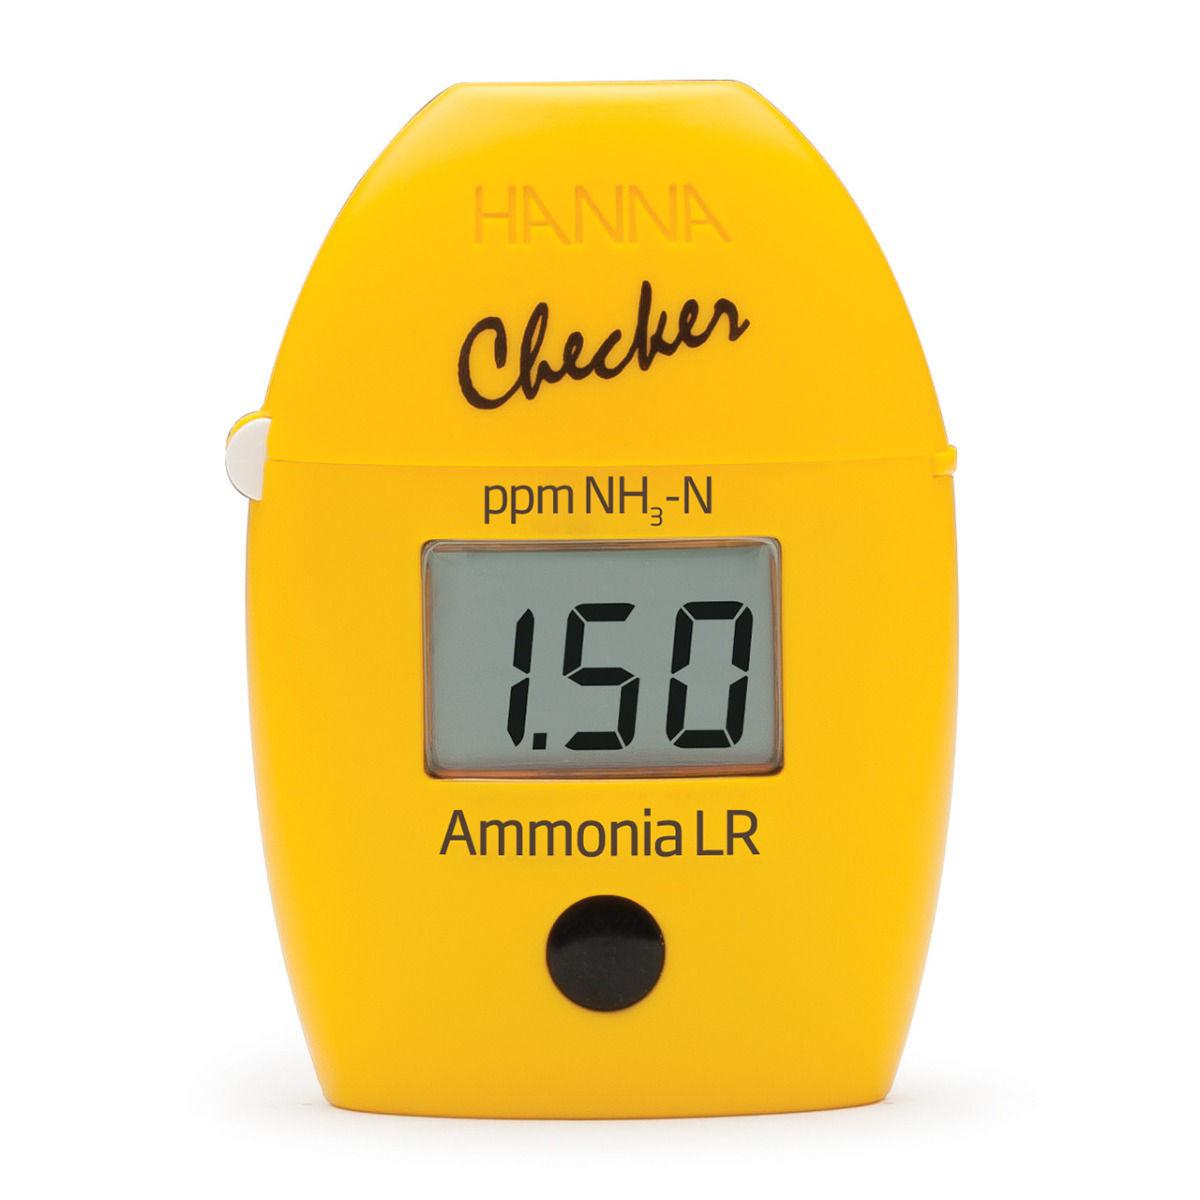 Picture of Hanna Checker® HC Portable Colorimeters - HI700